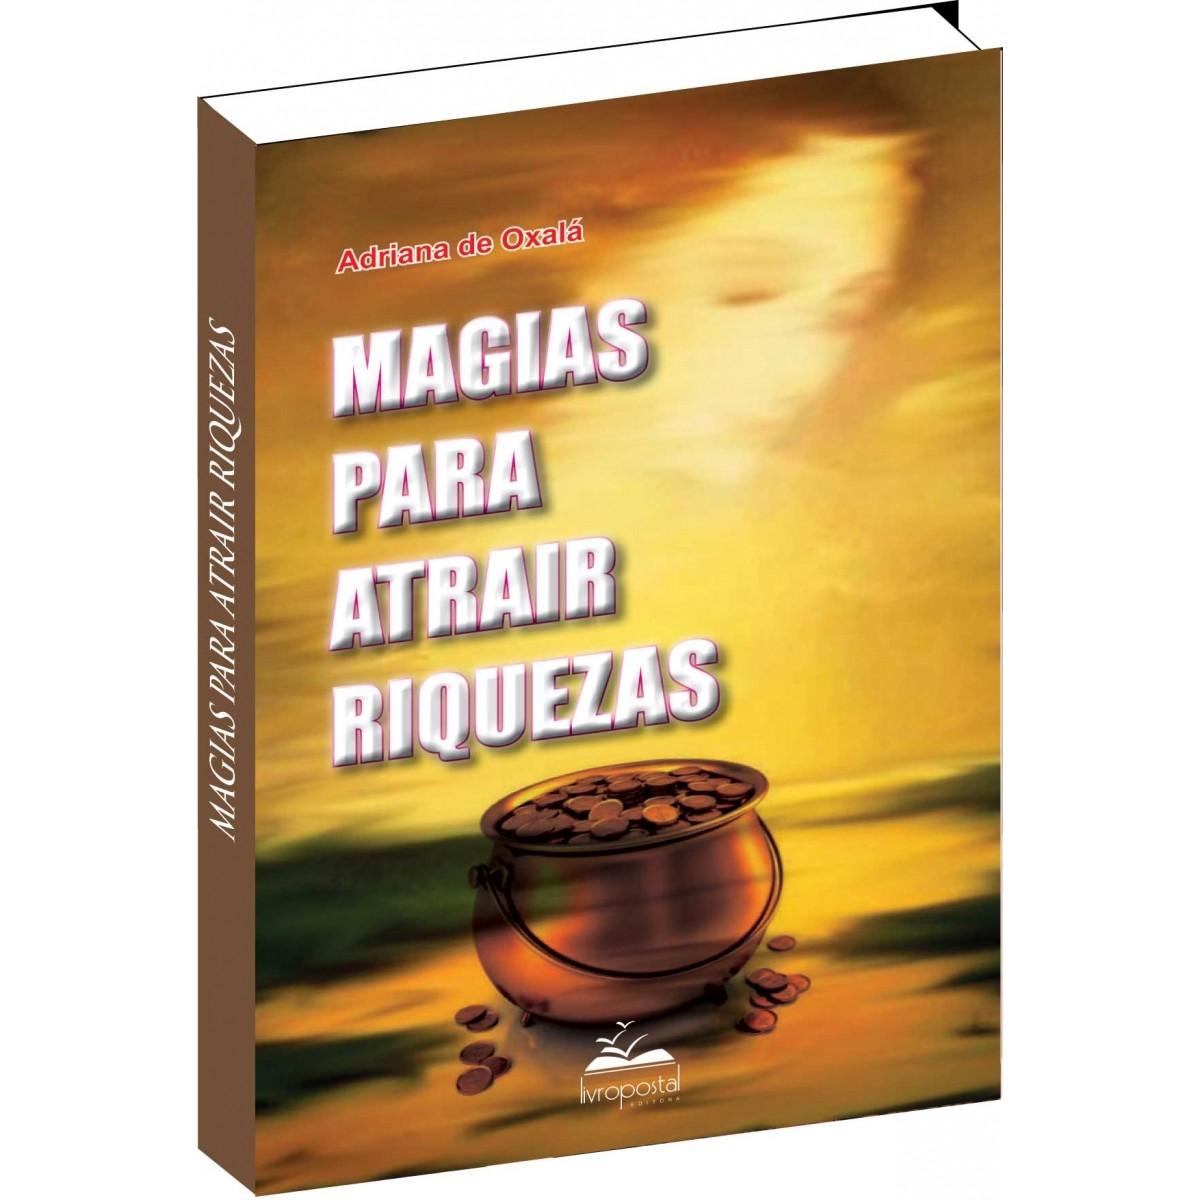 Ebook do Livro - Magias para atrair Riquezas  - Livropostal Editora